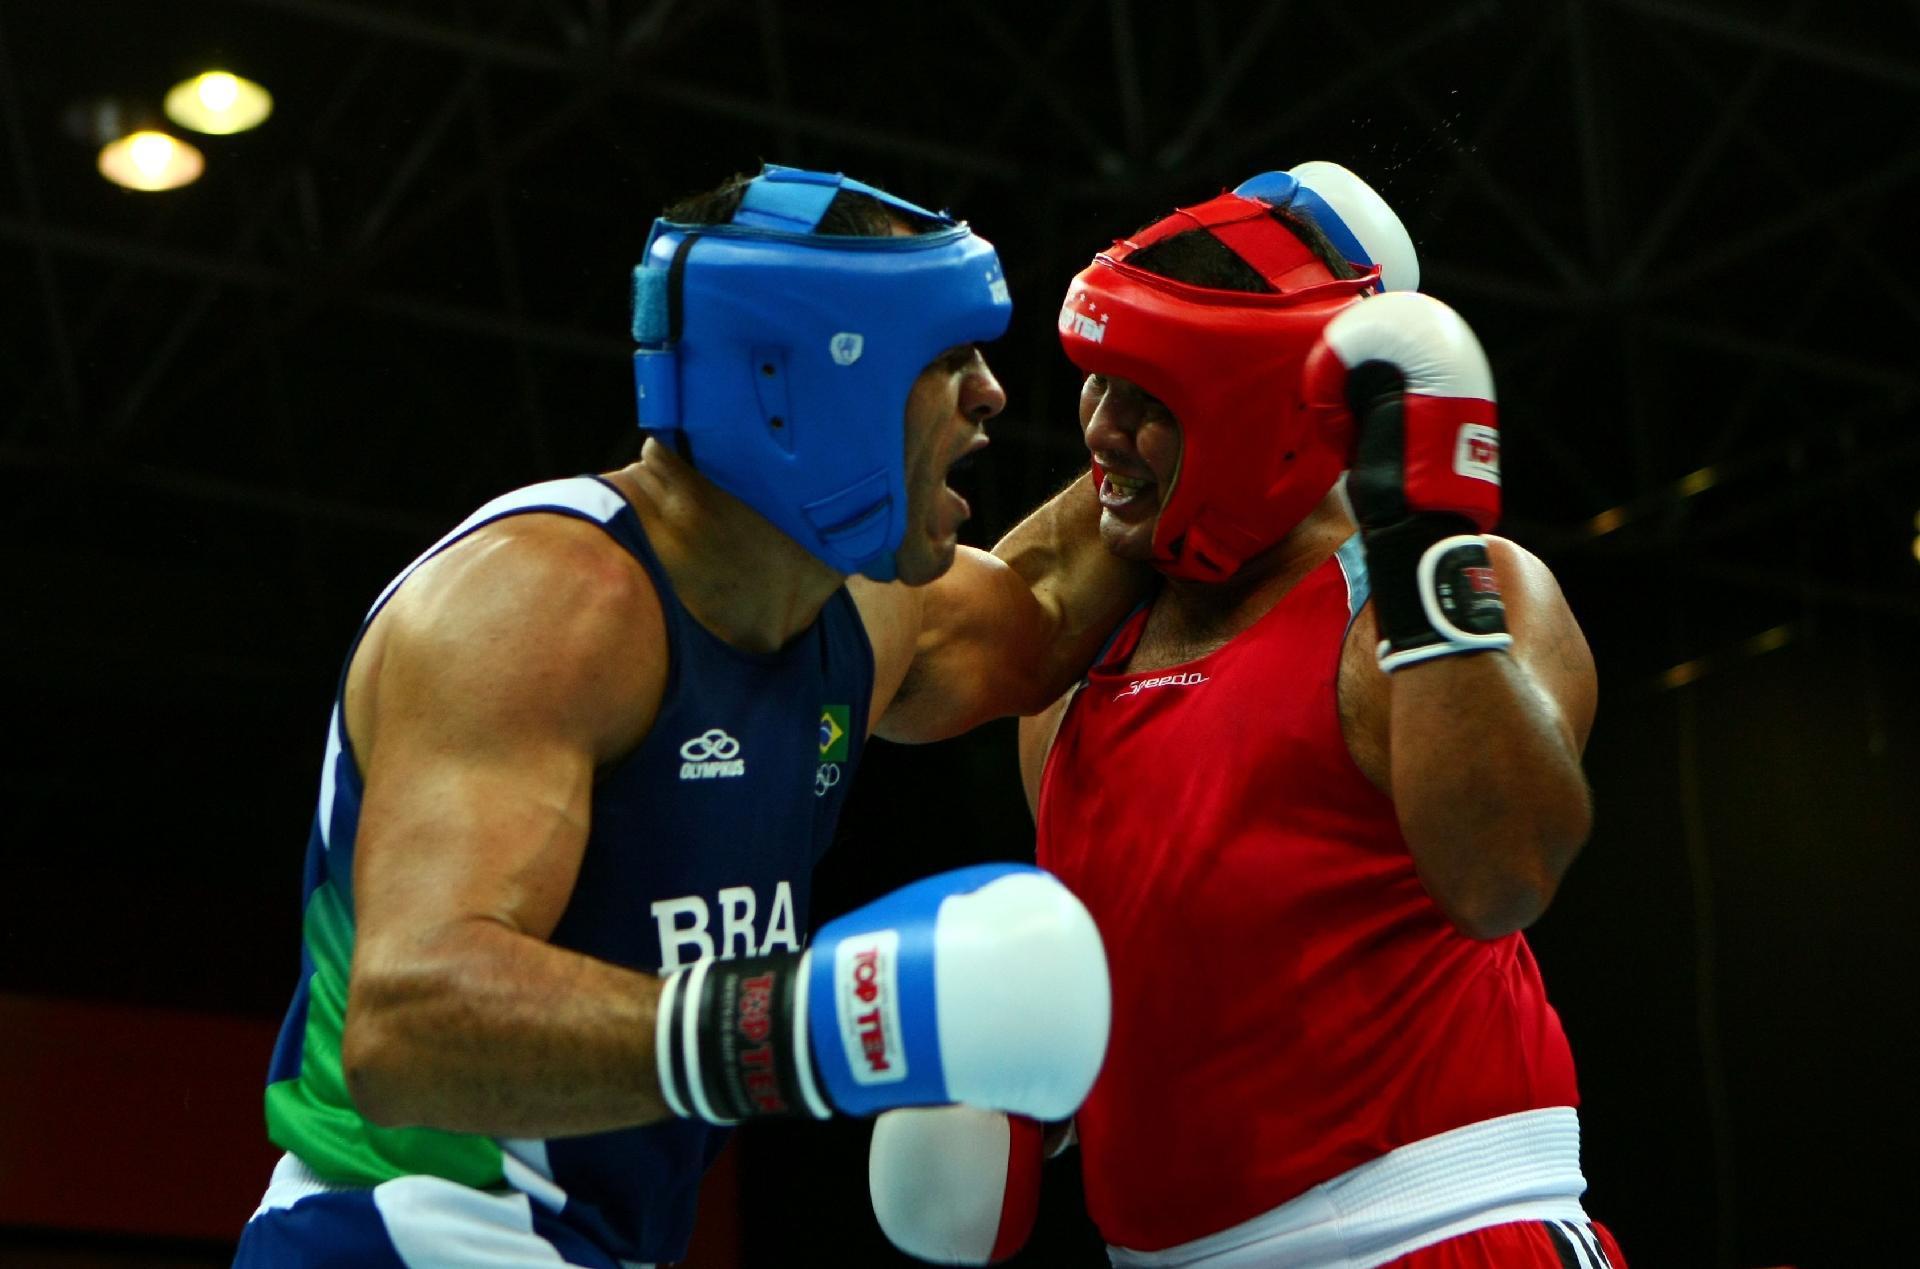 Rogério Minotouro Nogueira conquistou a medalha de bronze nos Jogos Pan-Americanos de 2007